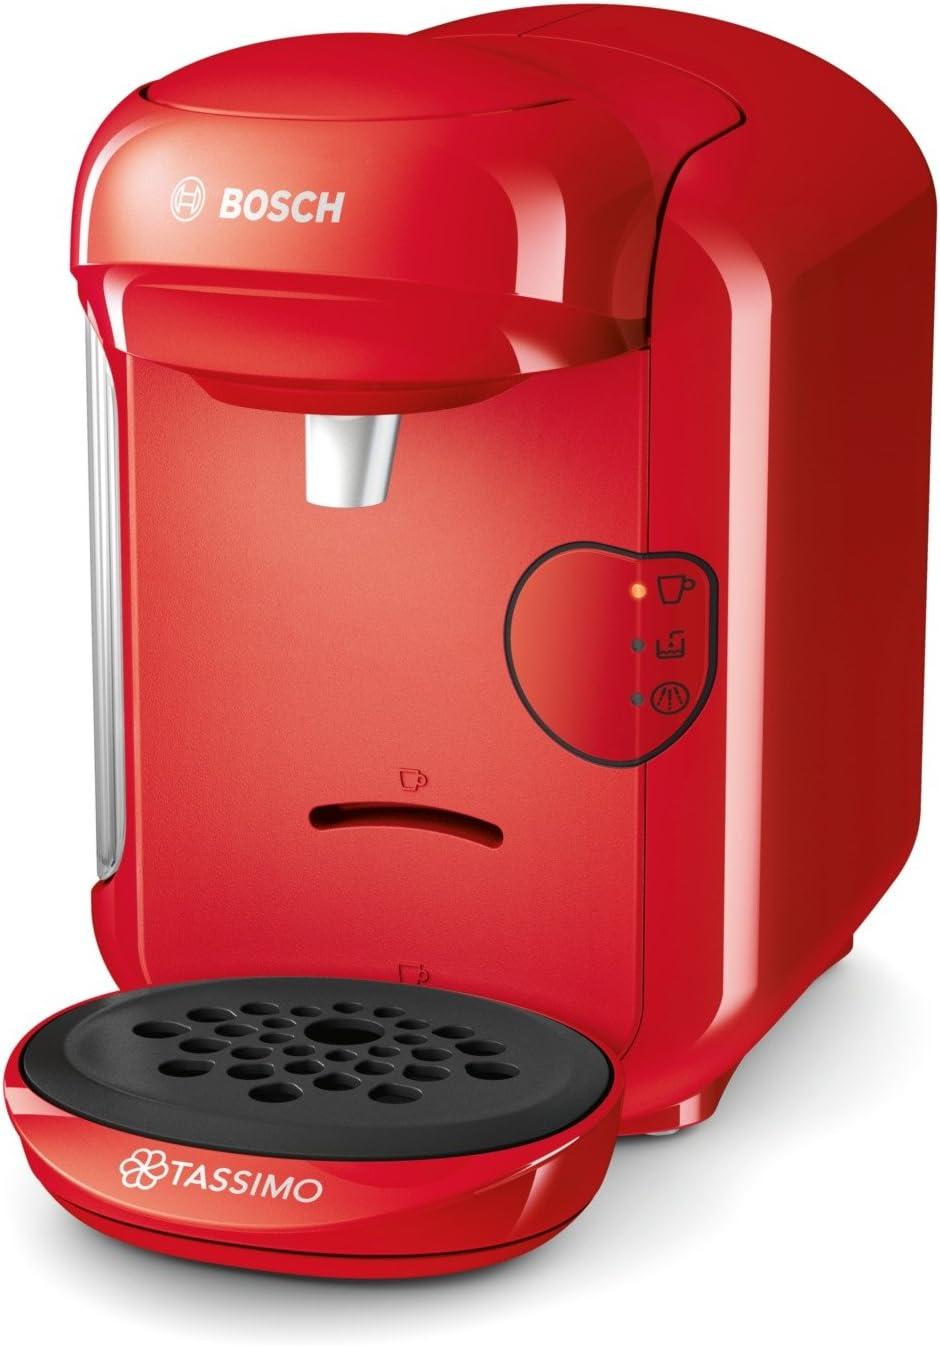 Bosch TAS1403 Tassimo Vivy 2 - Cafetera Multibebidas Automática de Cápsulas, Diseño Compacto, color Rojo: Bosch: Amazon.es: Hogar